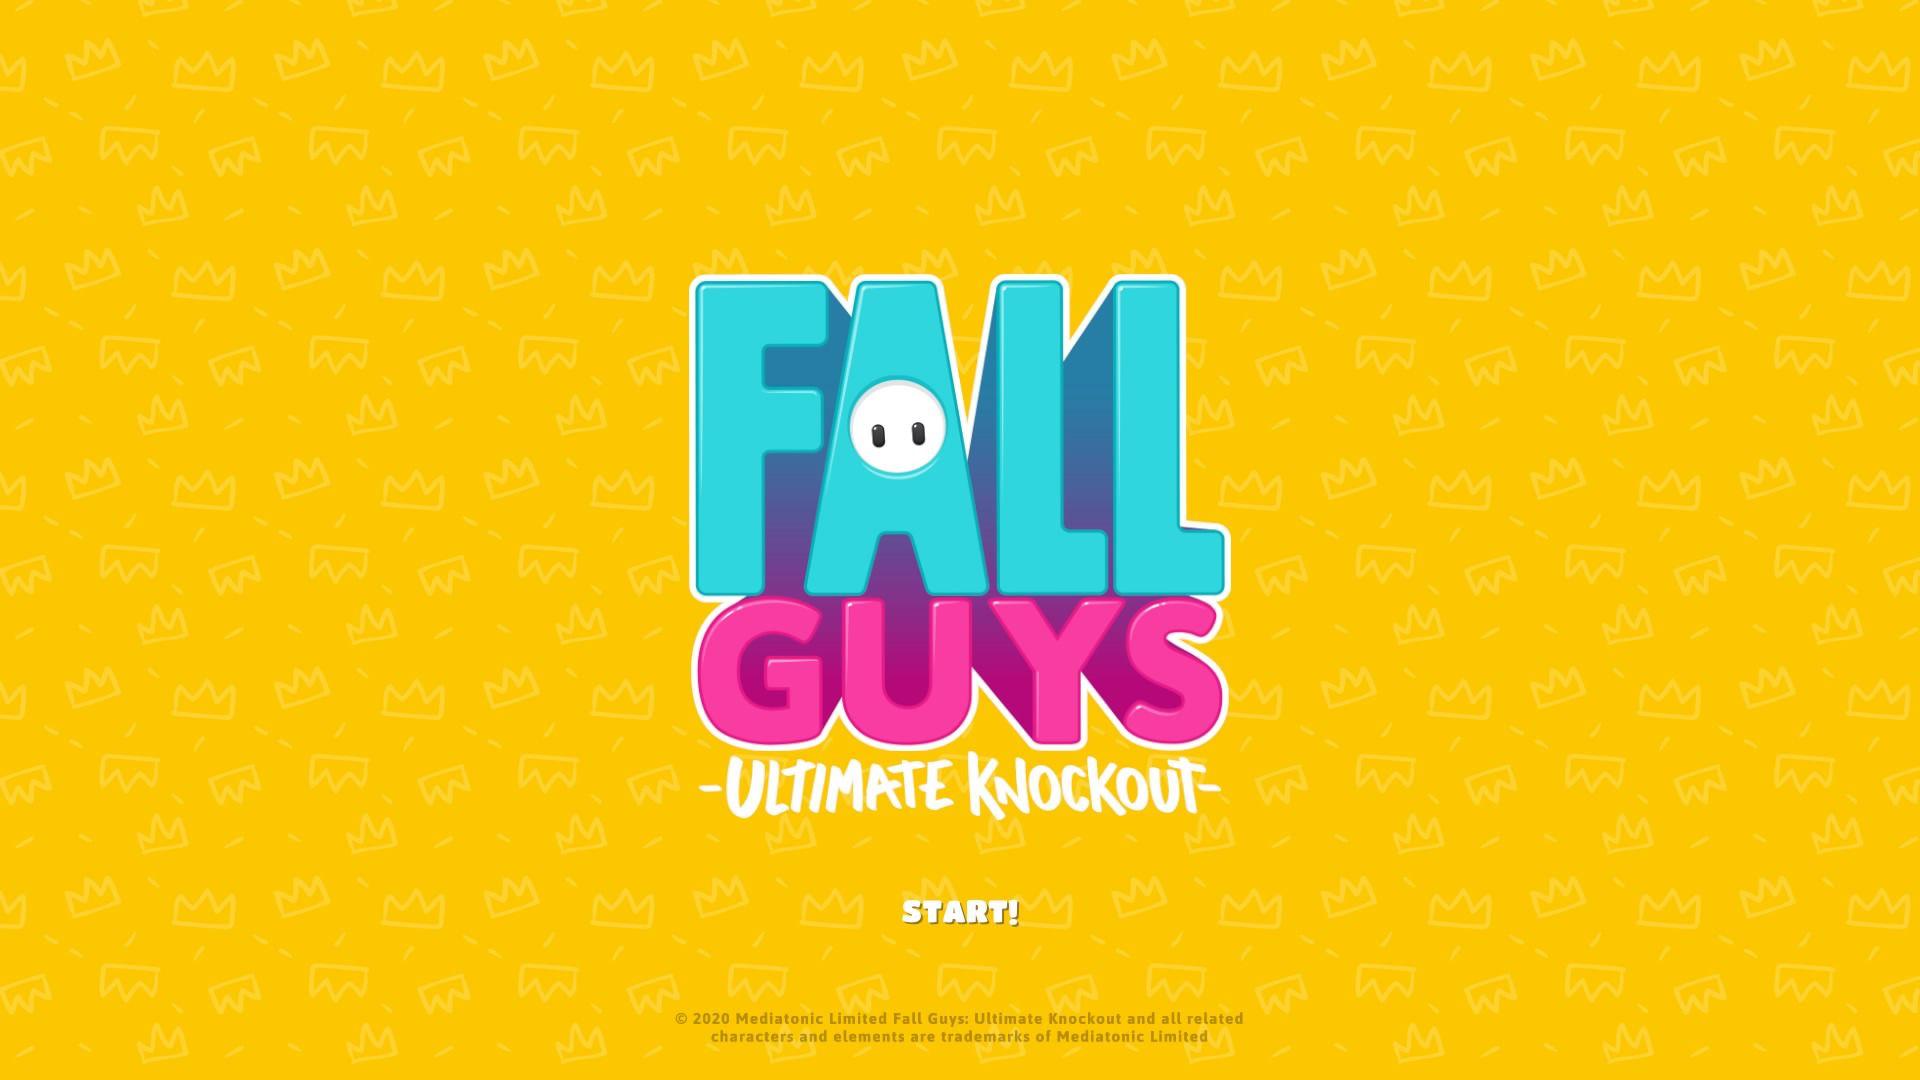 【フォールガイズ】シーズン5はいつから?【Fall Guys】